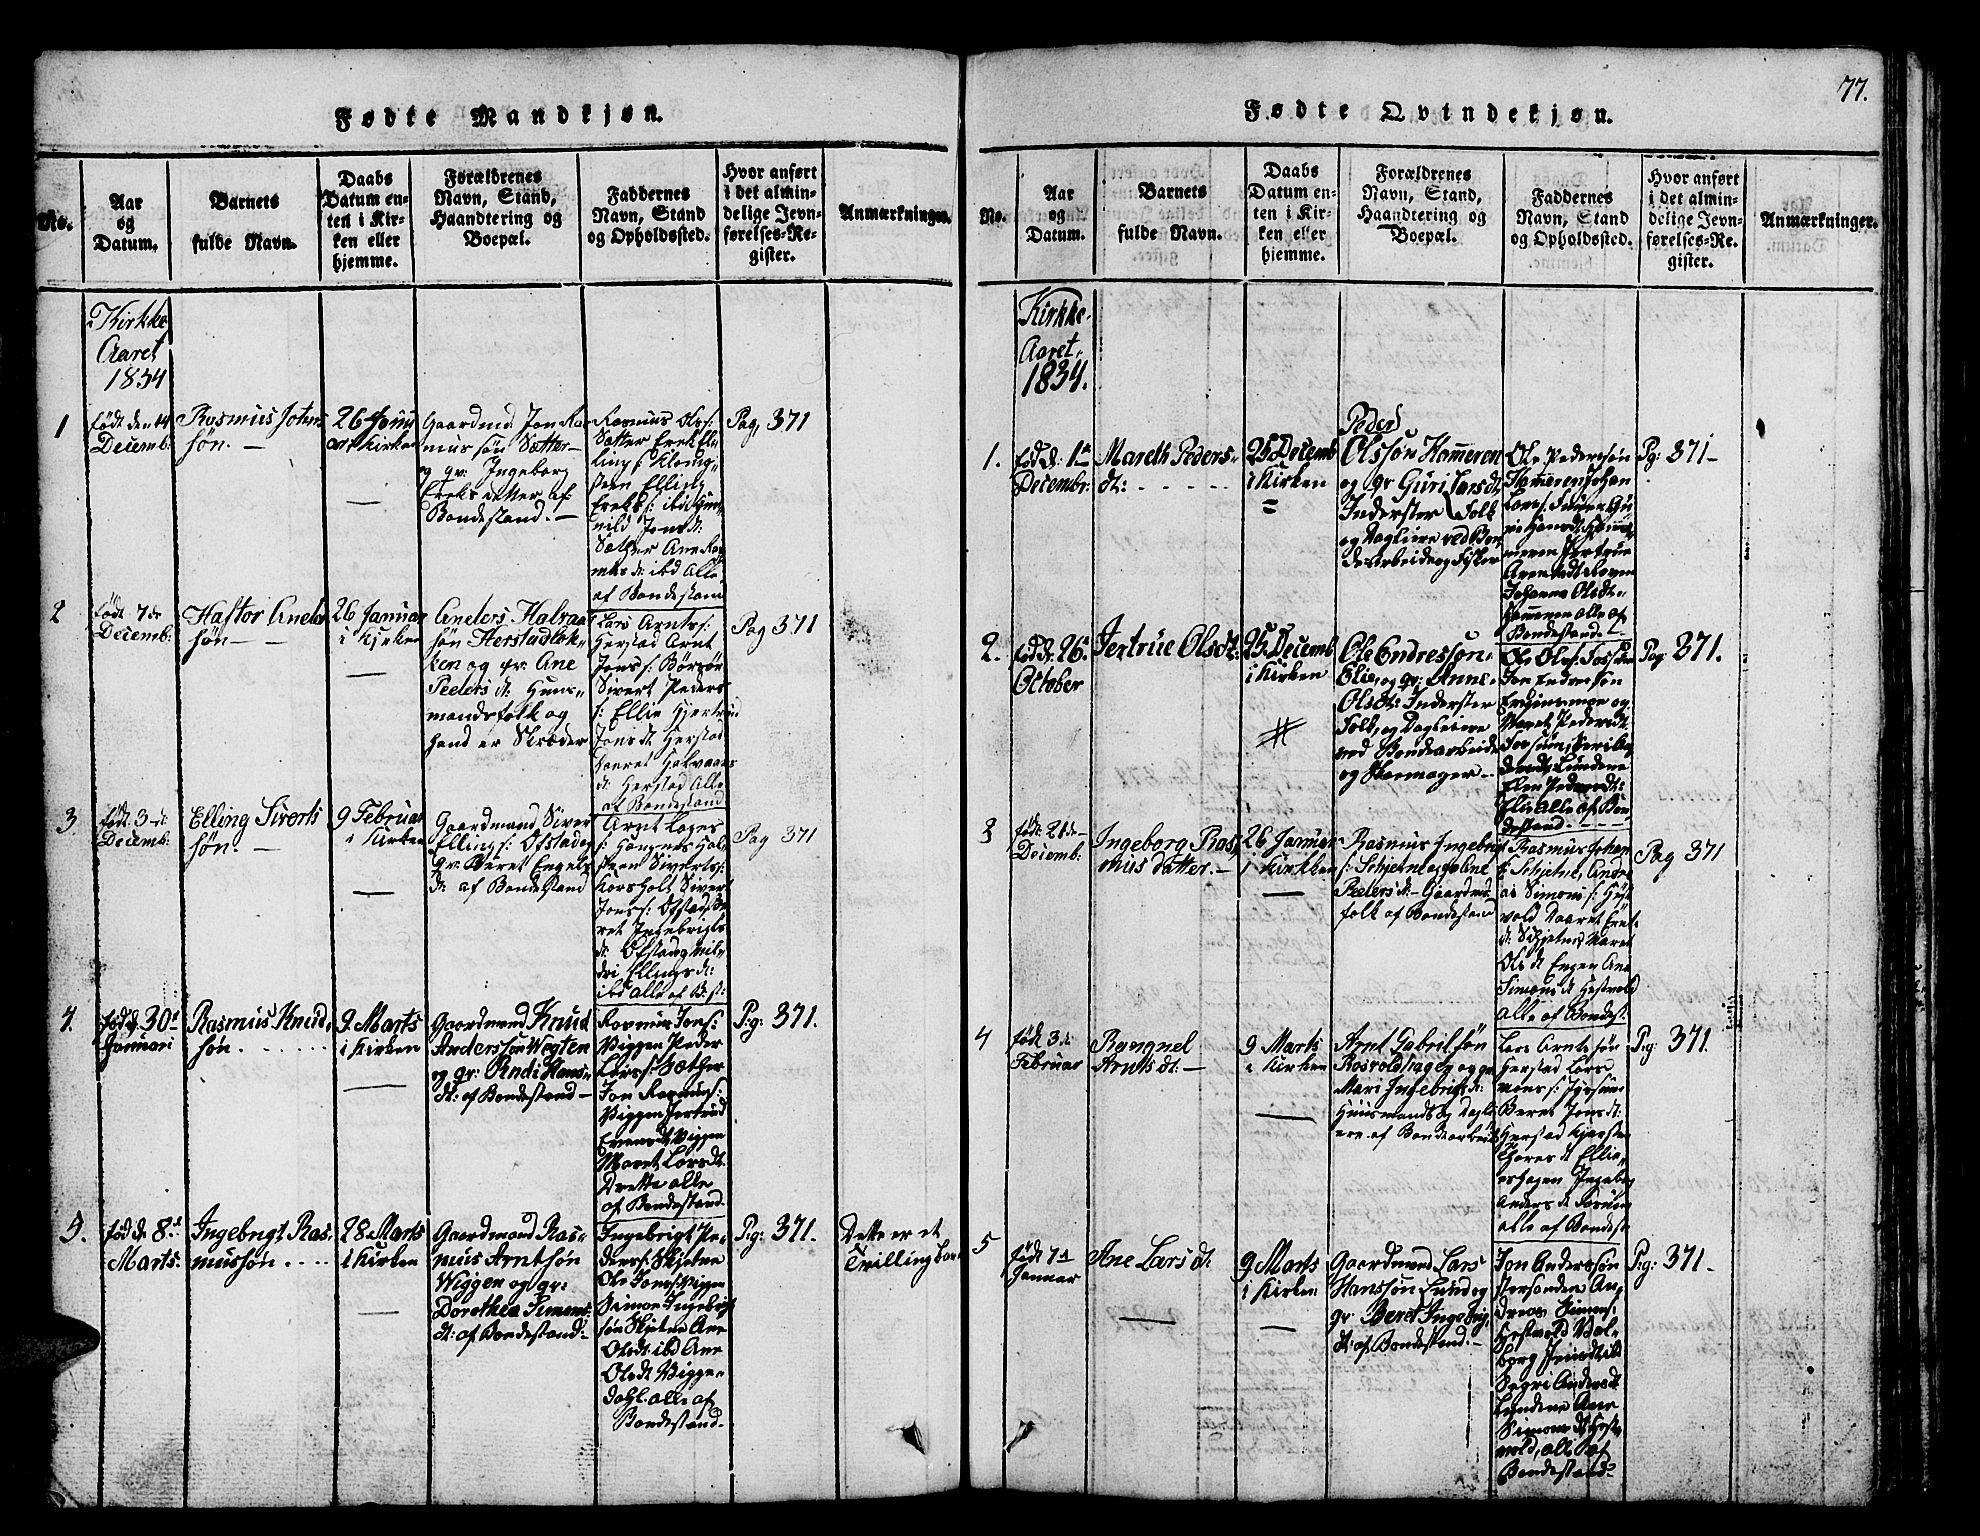 SAT, Ministerialprotokoller, klokkerbøker og fødselsregistre - Sør-Trøndelag, 665/L0776: Klokkerbok nr. 665C01, 1817-1837, s. 77